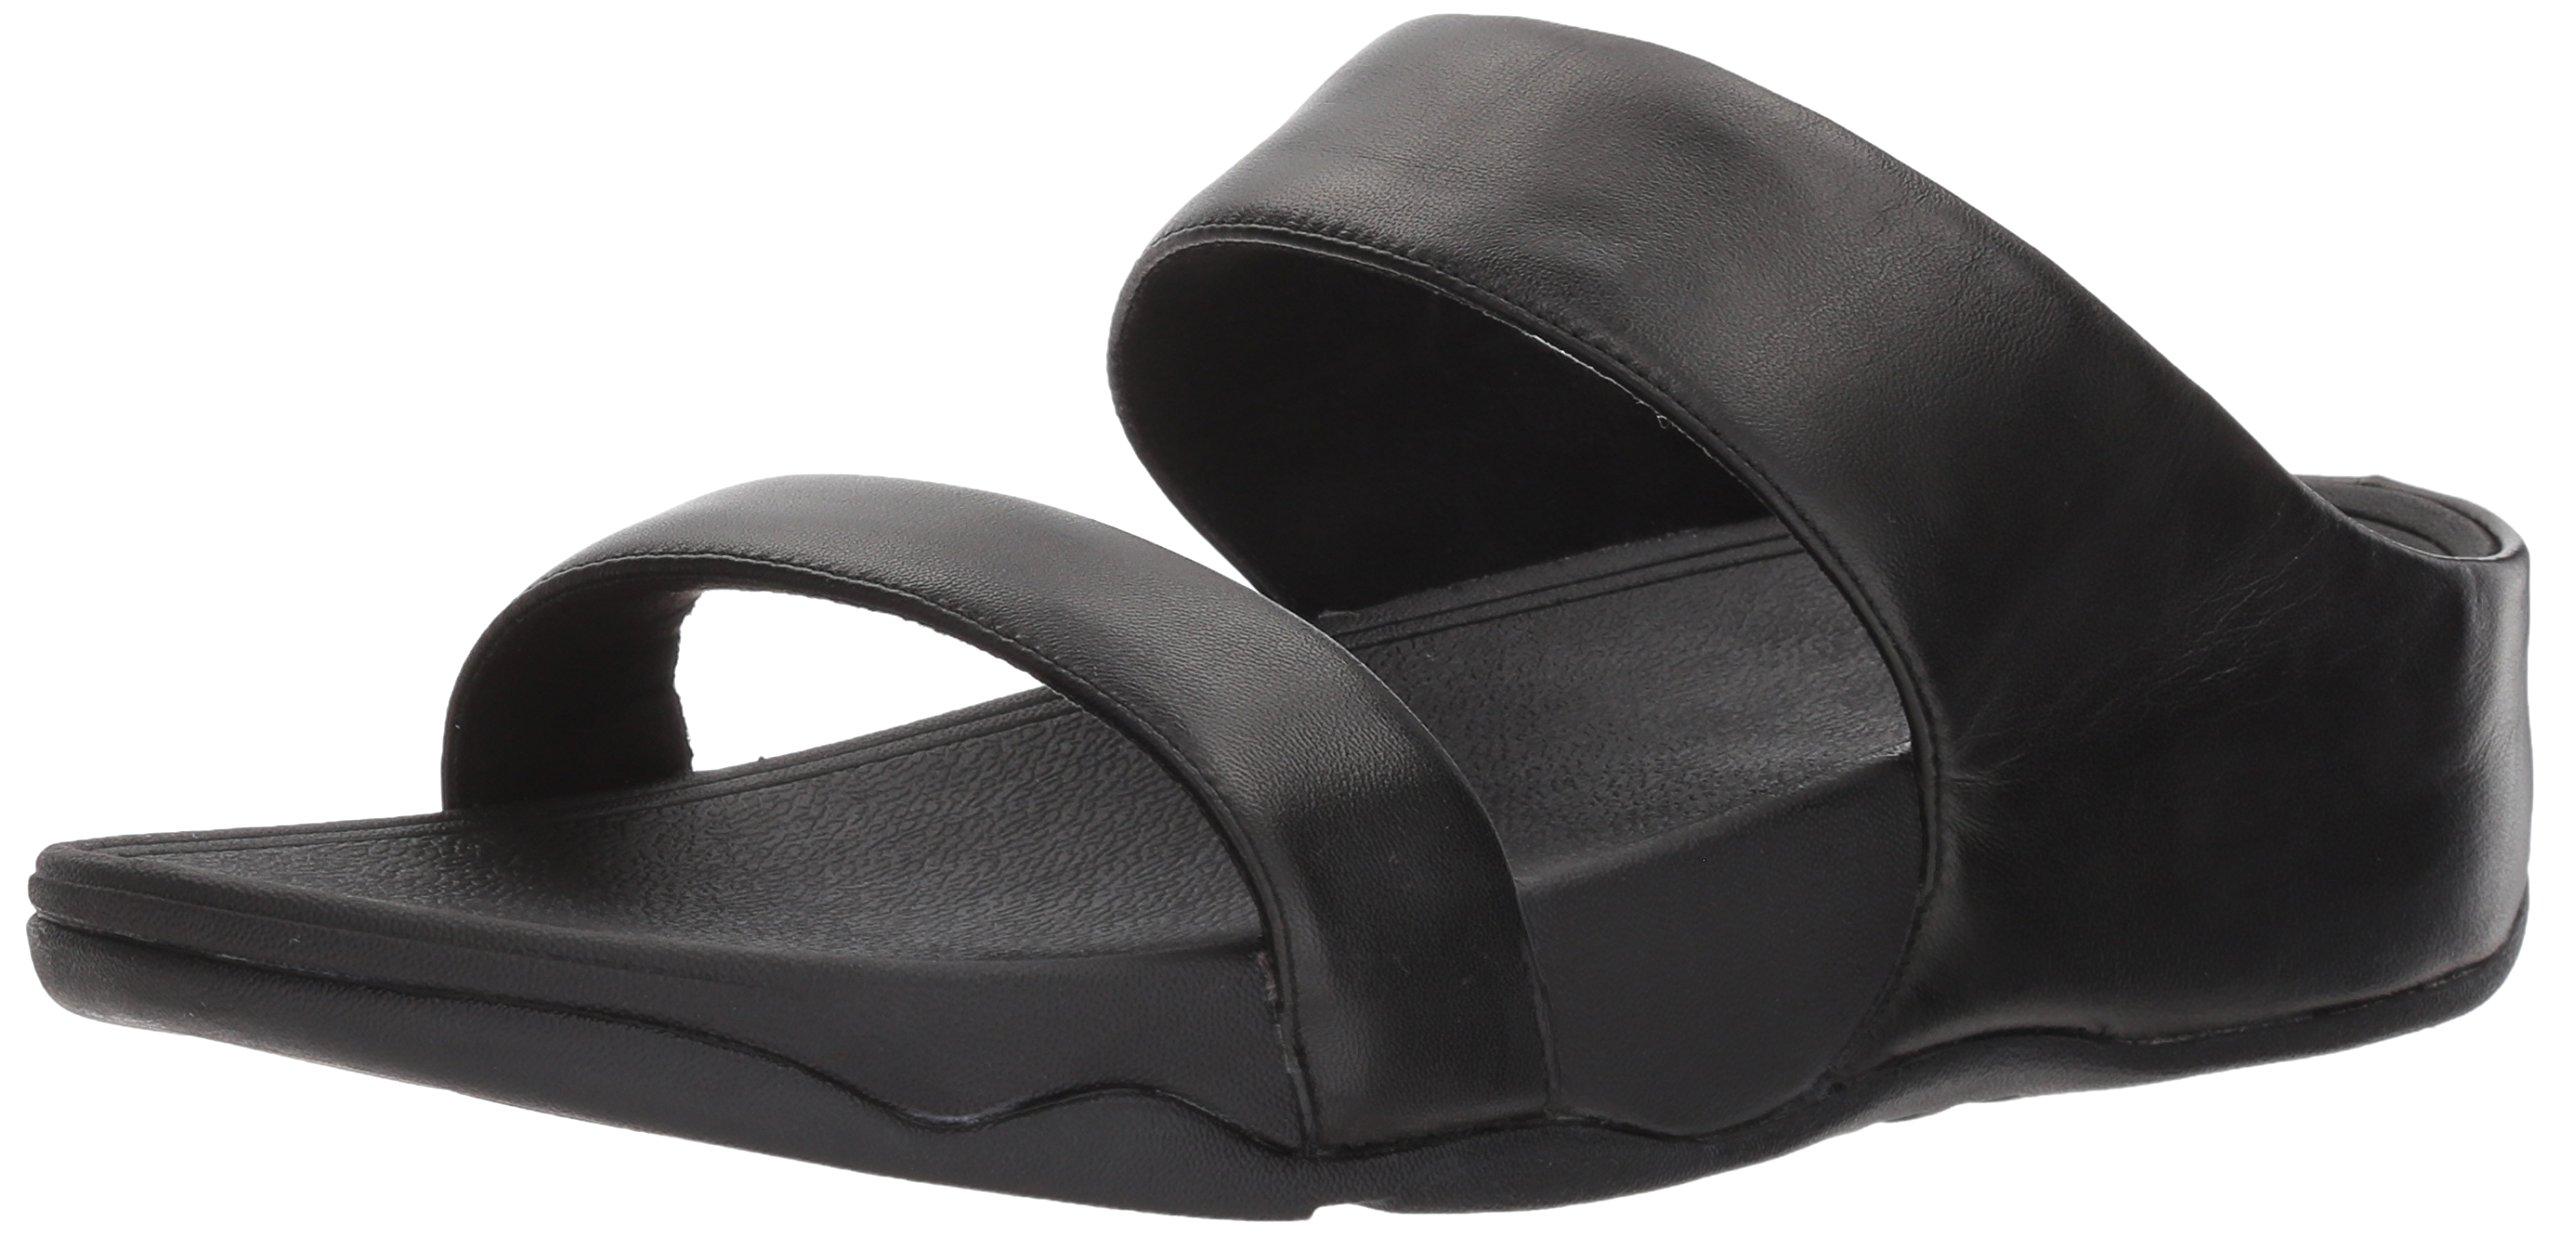 FitFlop Women's Lulu Leather Slide Sandal, Black, 8 M US